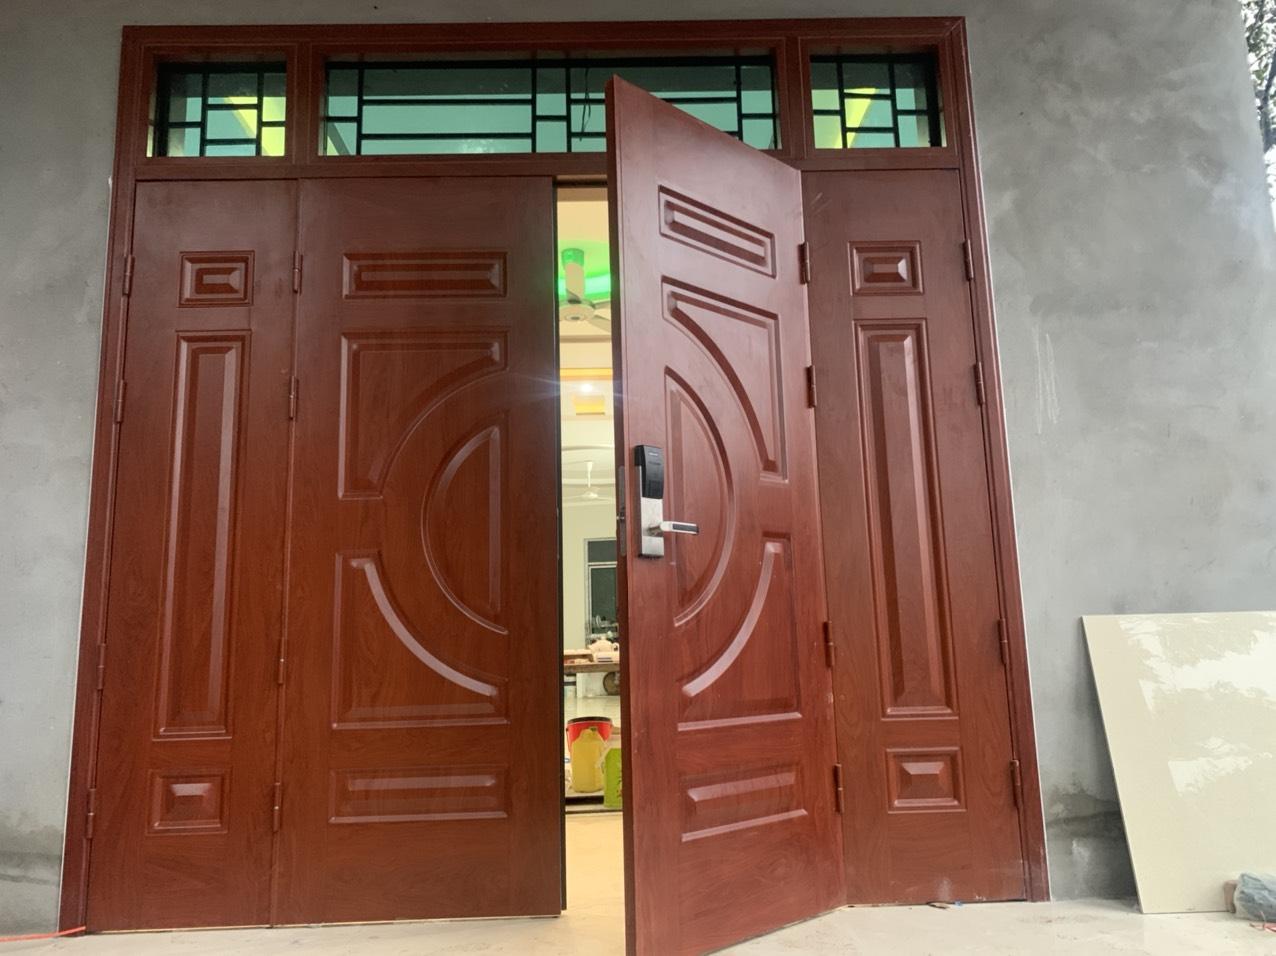 Báo giá cửa thép vân gỗ Phú thọ tiết kiệm 20-30% so với cửa gỗ